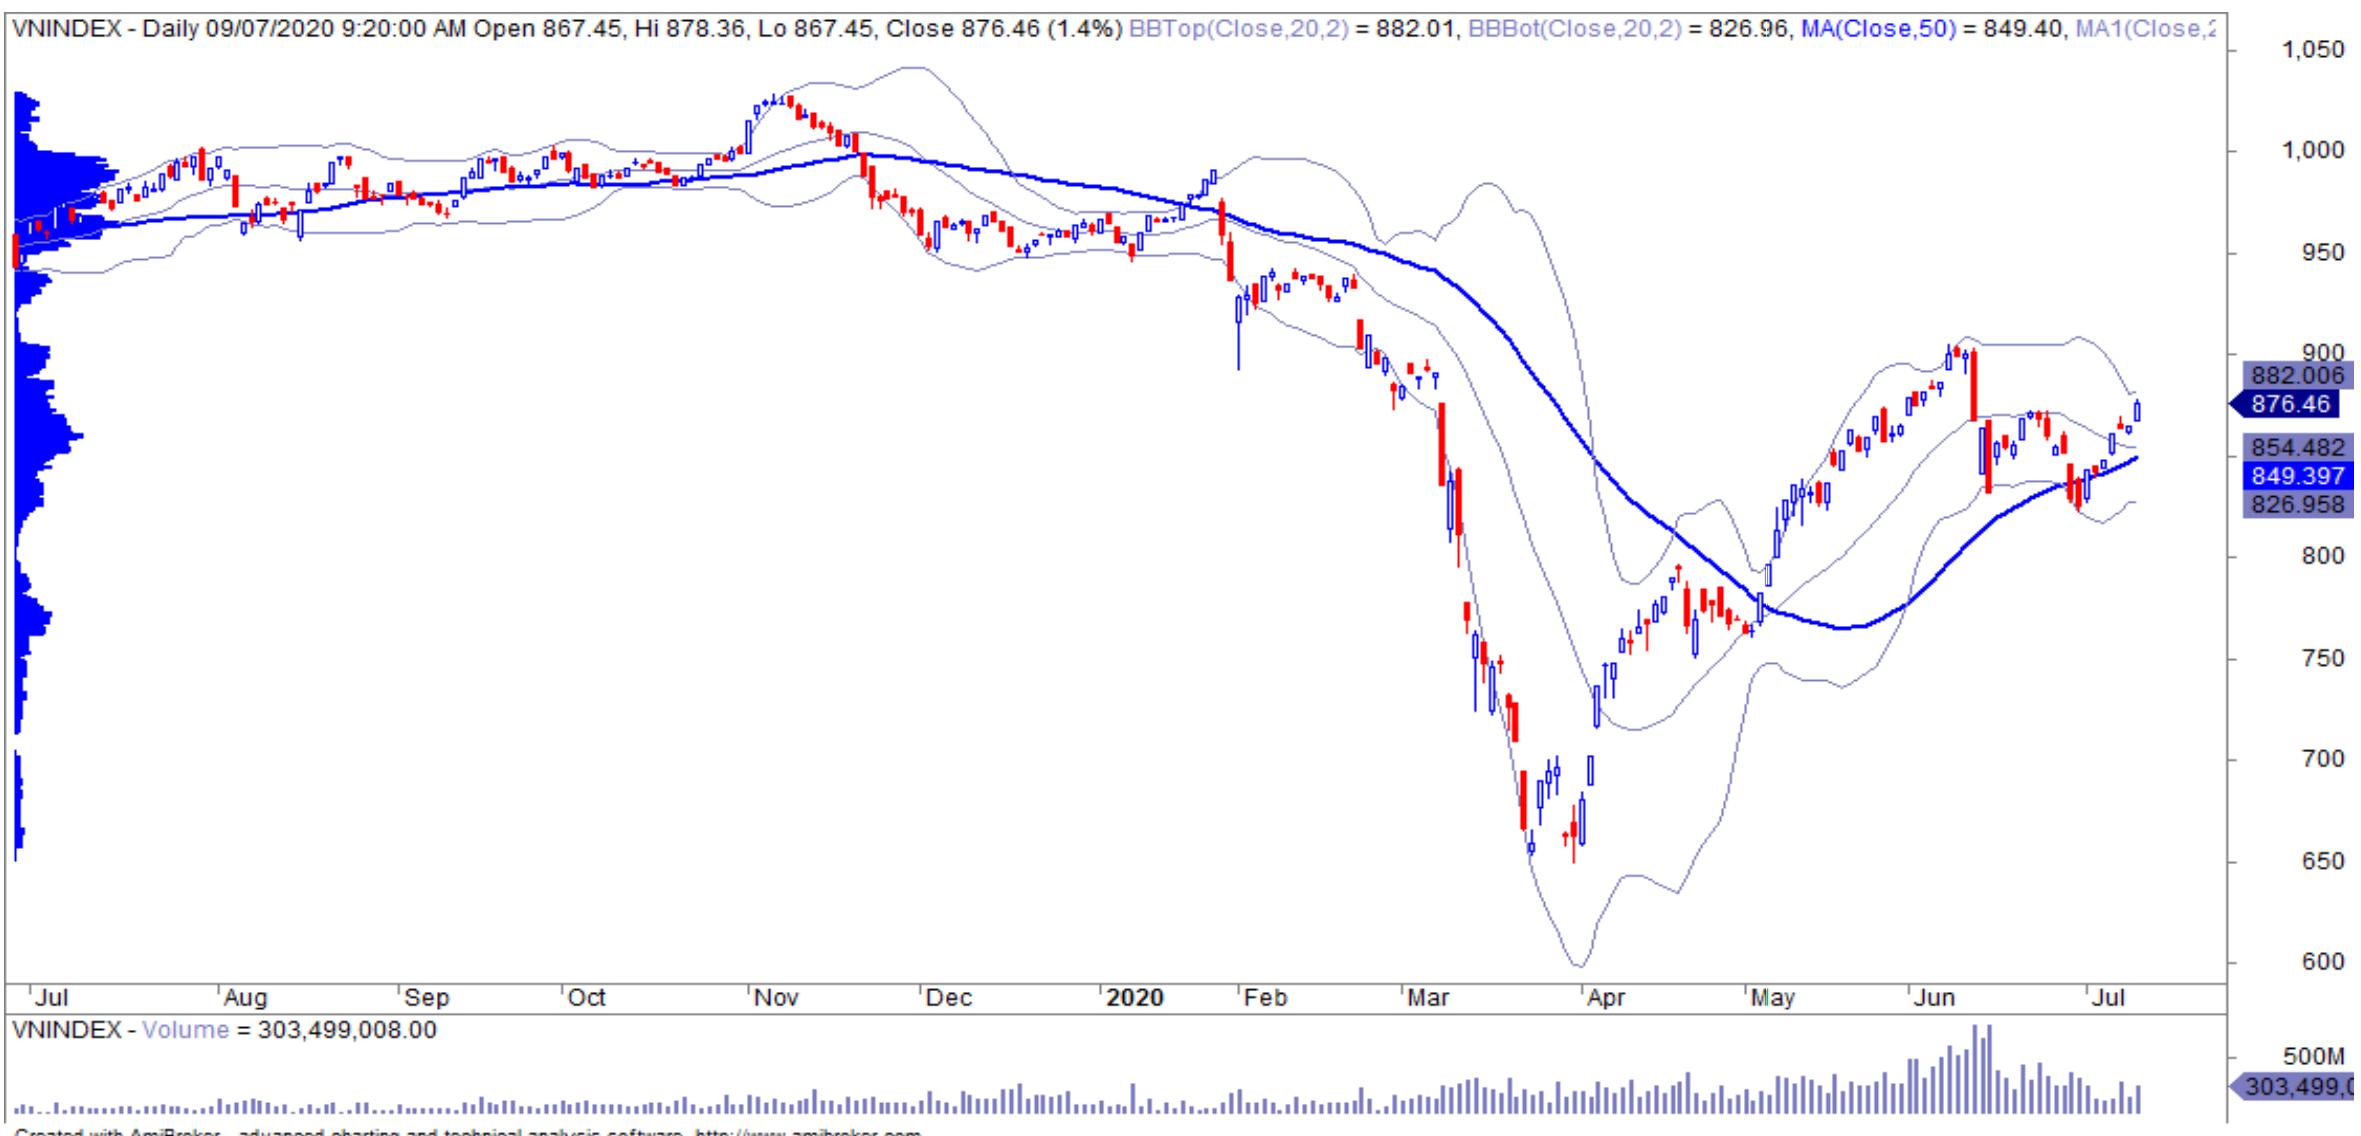 Nhận định thị trường chứng khoán ngày 10/7: Tiến sát mức đỉnh cũ 905 điểm? - Ảnh 1.